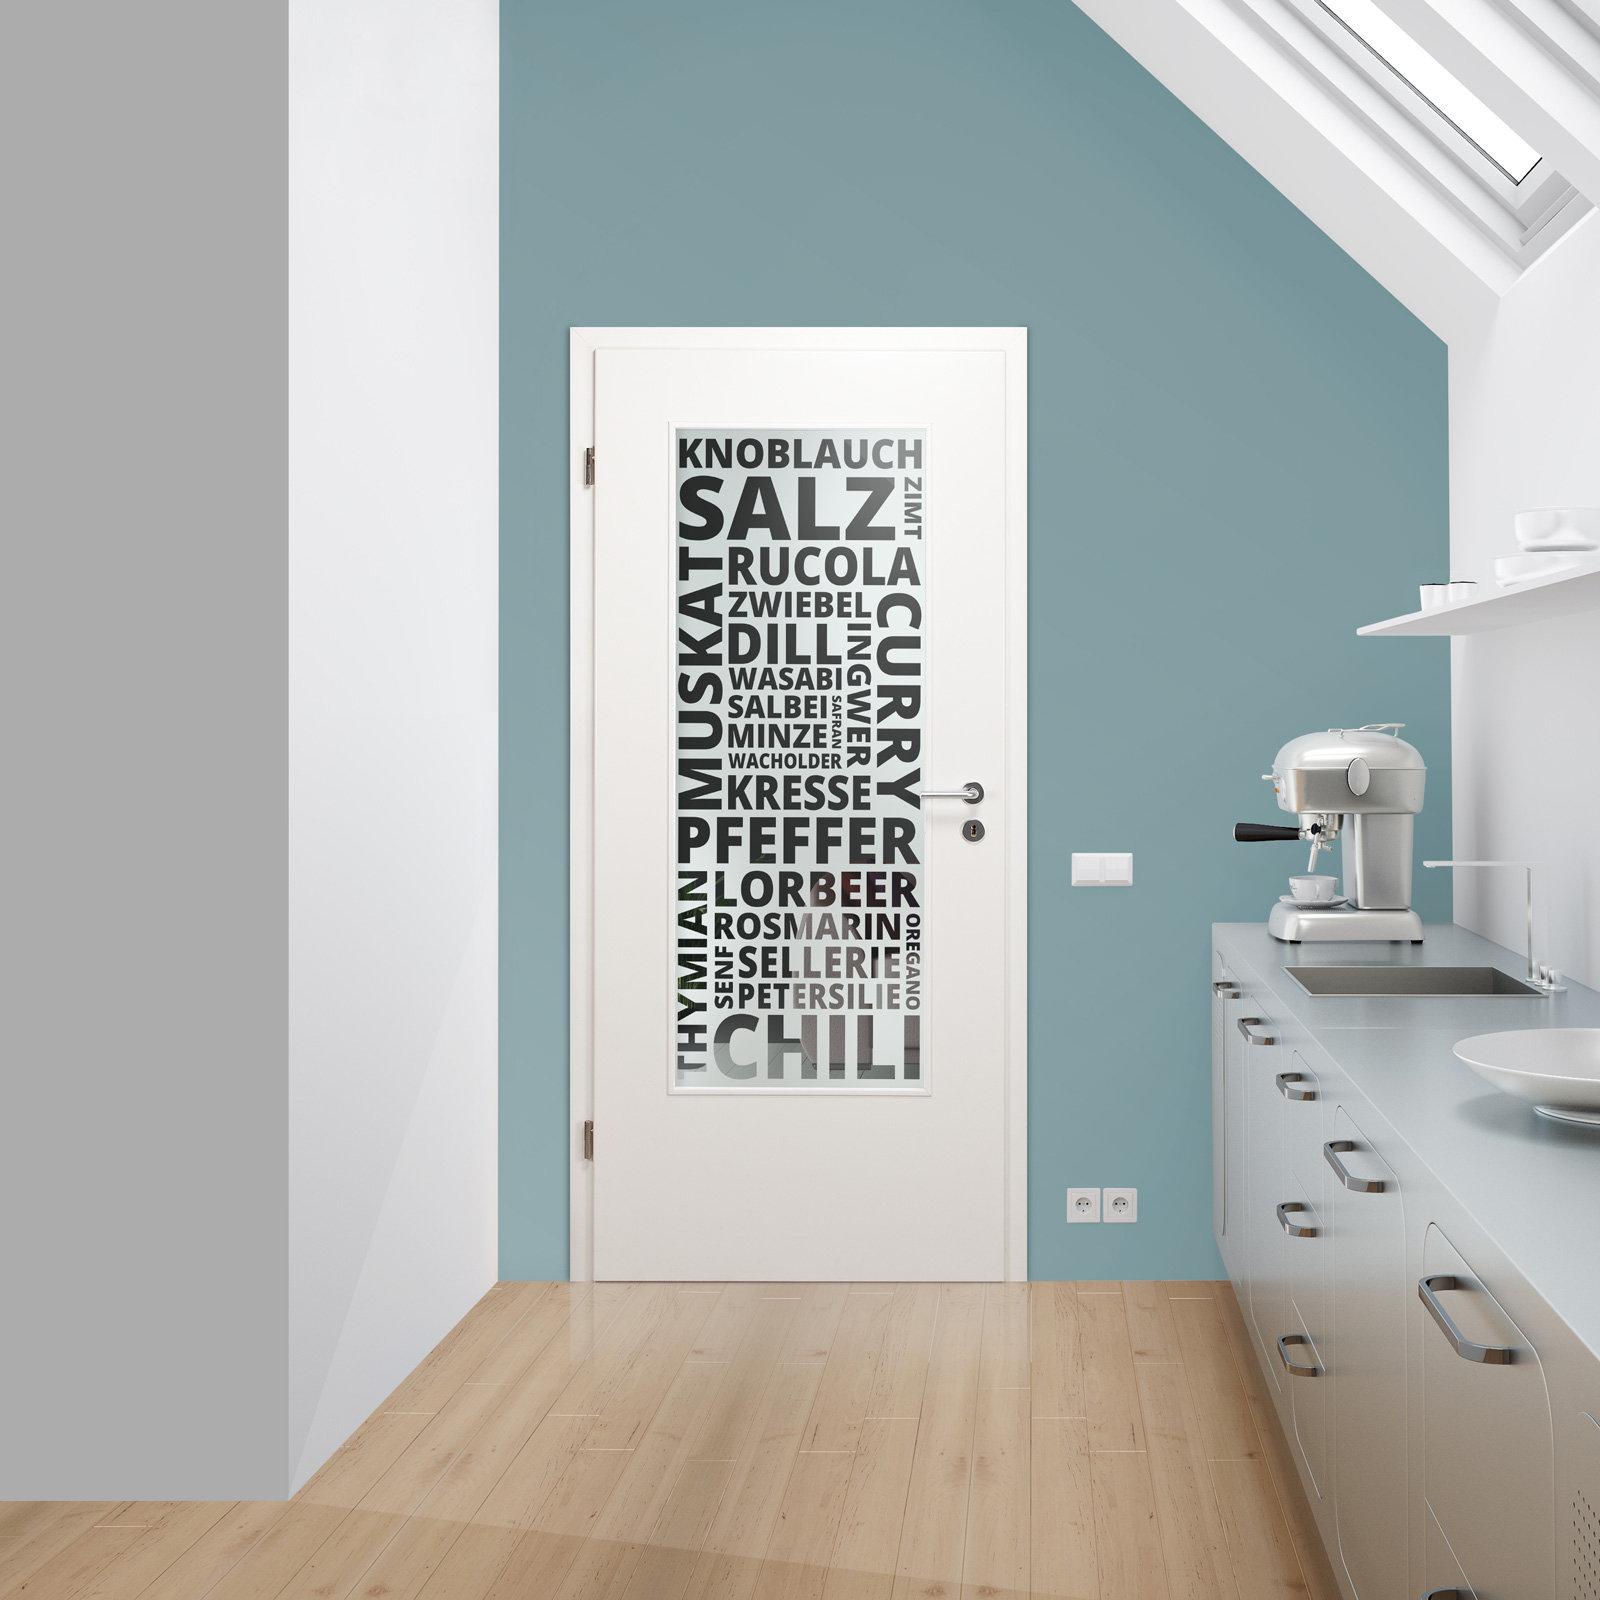 verglasung glaseinsatz f r holzt r 154 3 f la klarglas mit dekor spices ebay. Black Bedroom Furniture Sets. Home Design Ideas